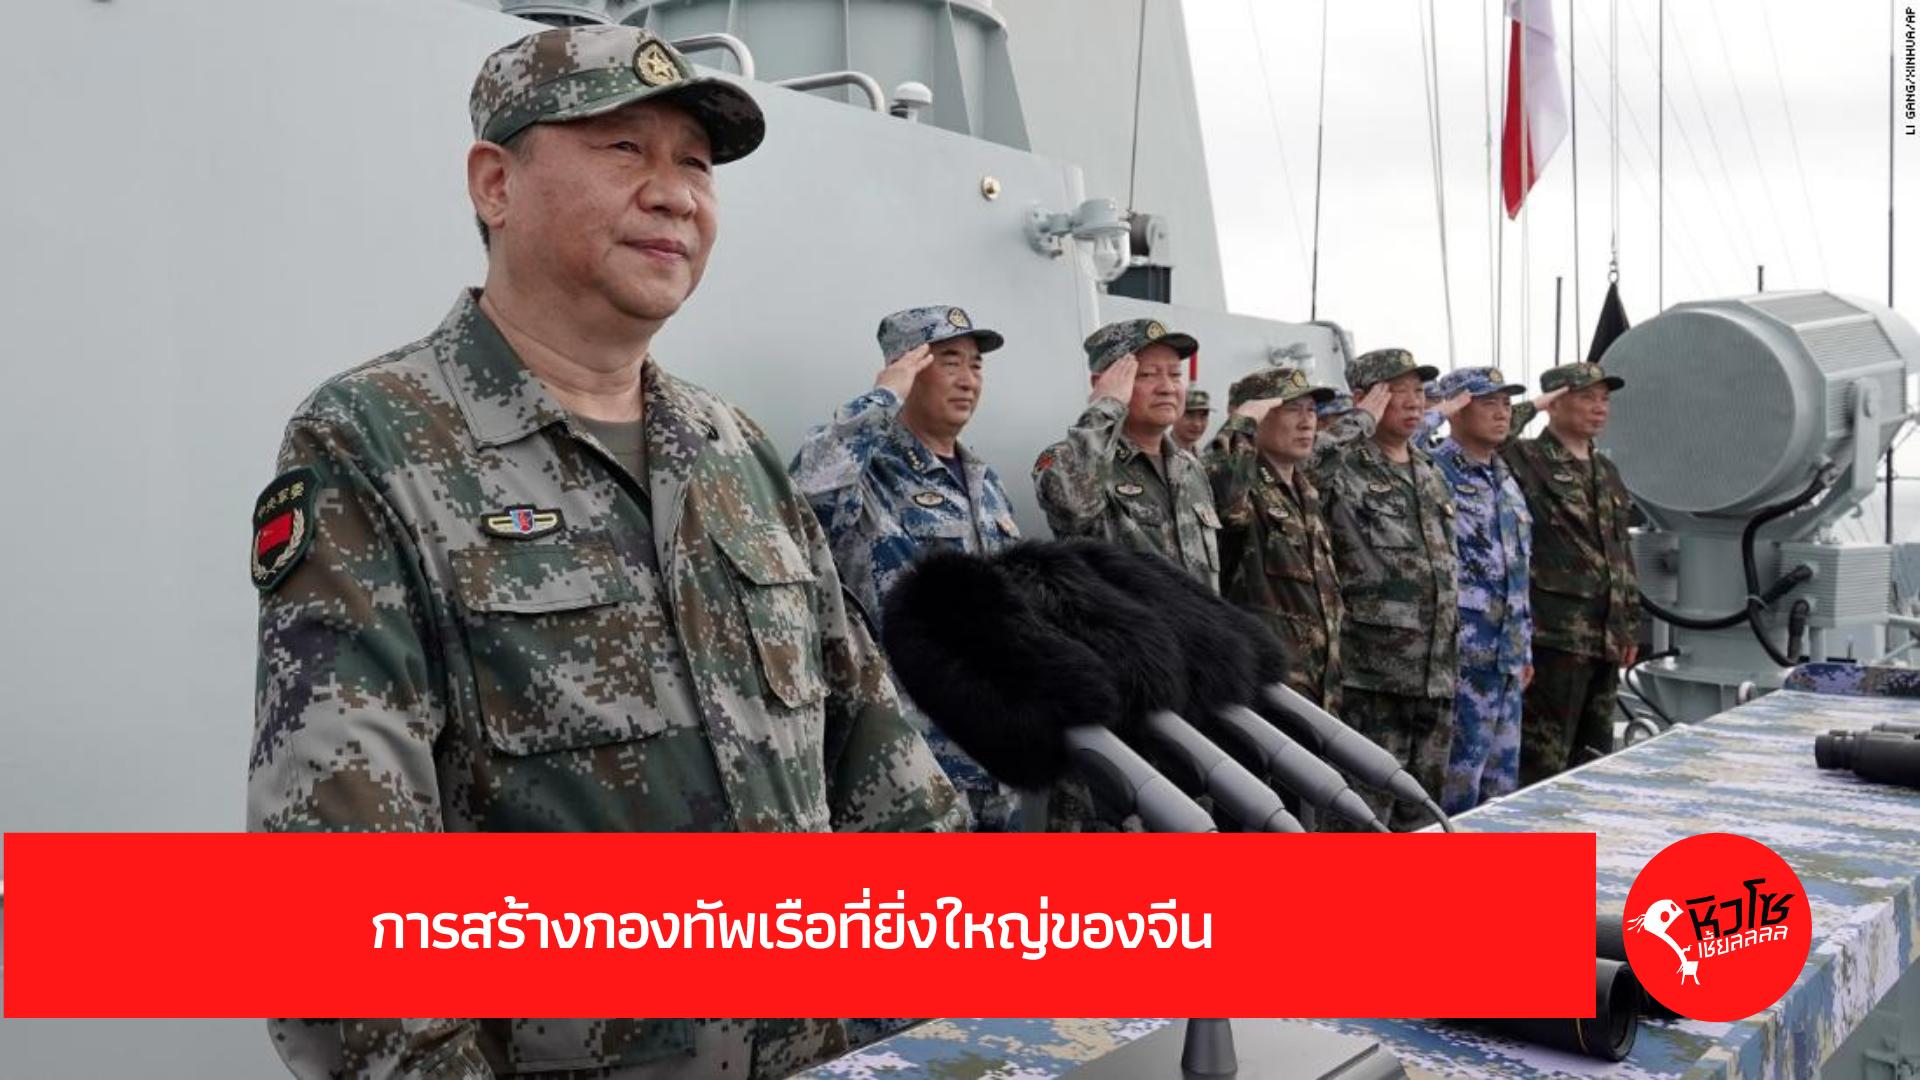 การสร้างกองทัพเรือที่ยิ่งใหญ่ของจีน